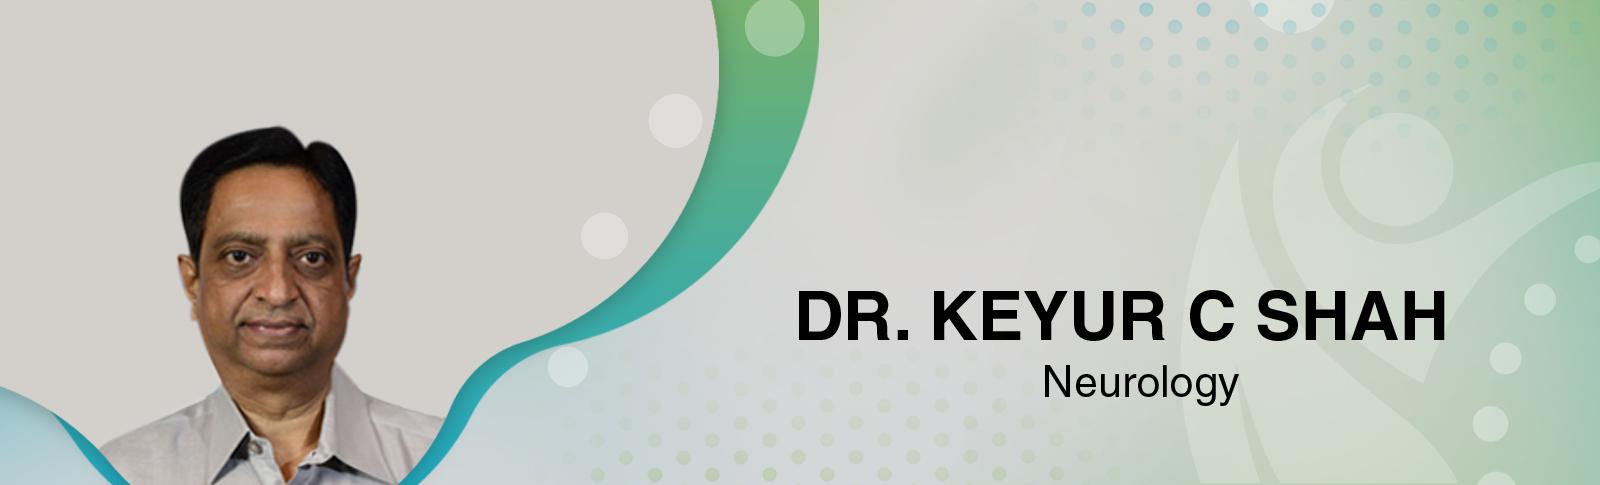 Dr. Keyur C Shah